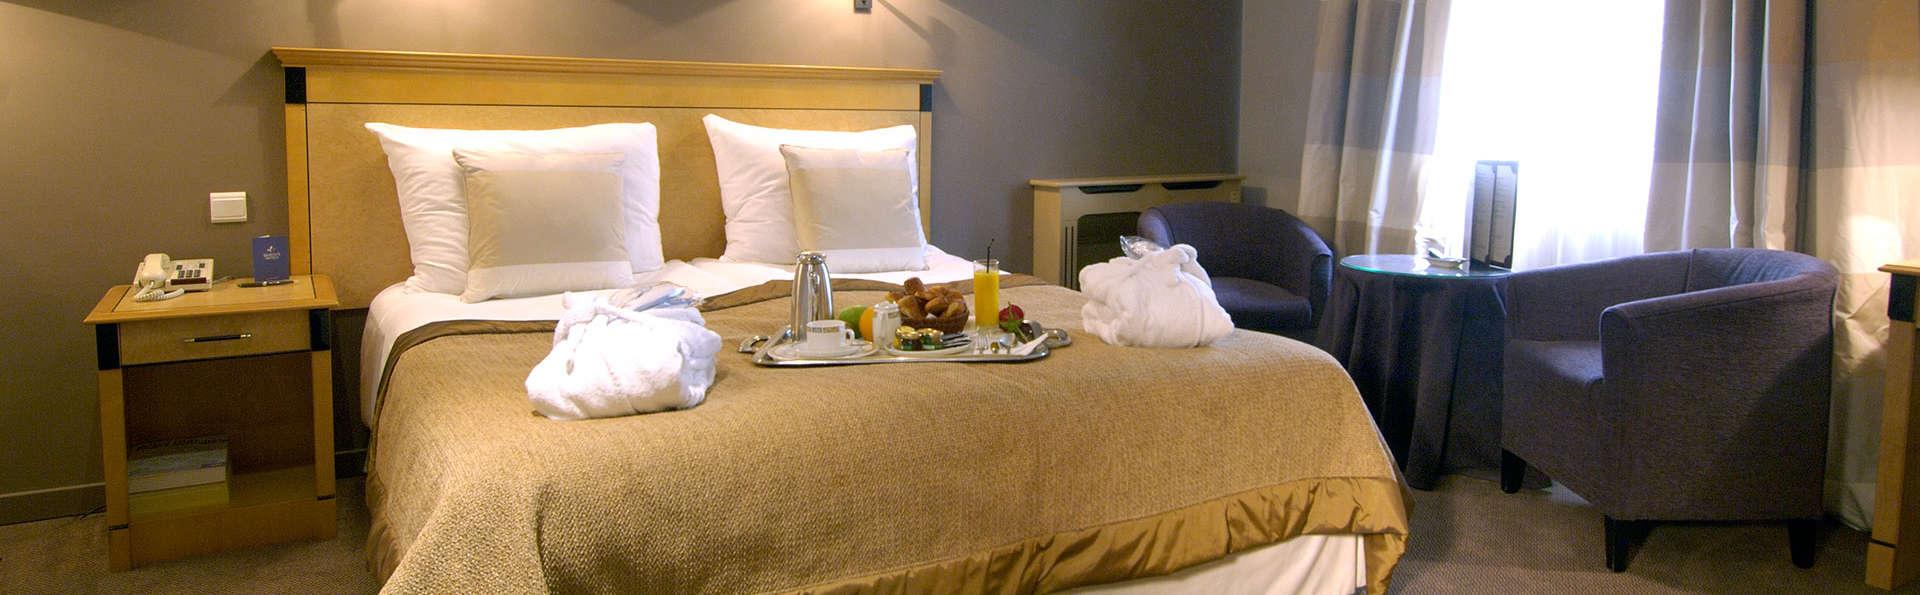 Speciale aanbieding: Geniet van een luxueus weekend weg in Waterloo